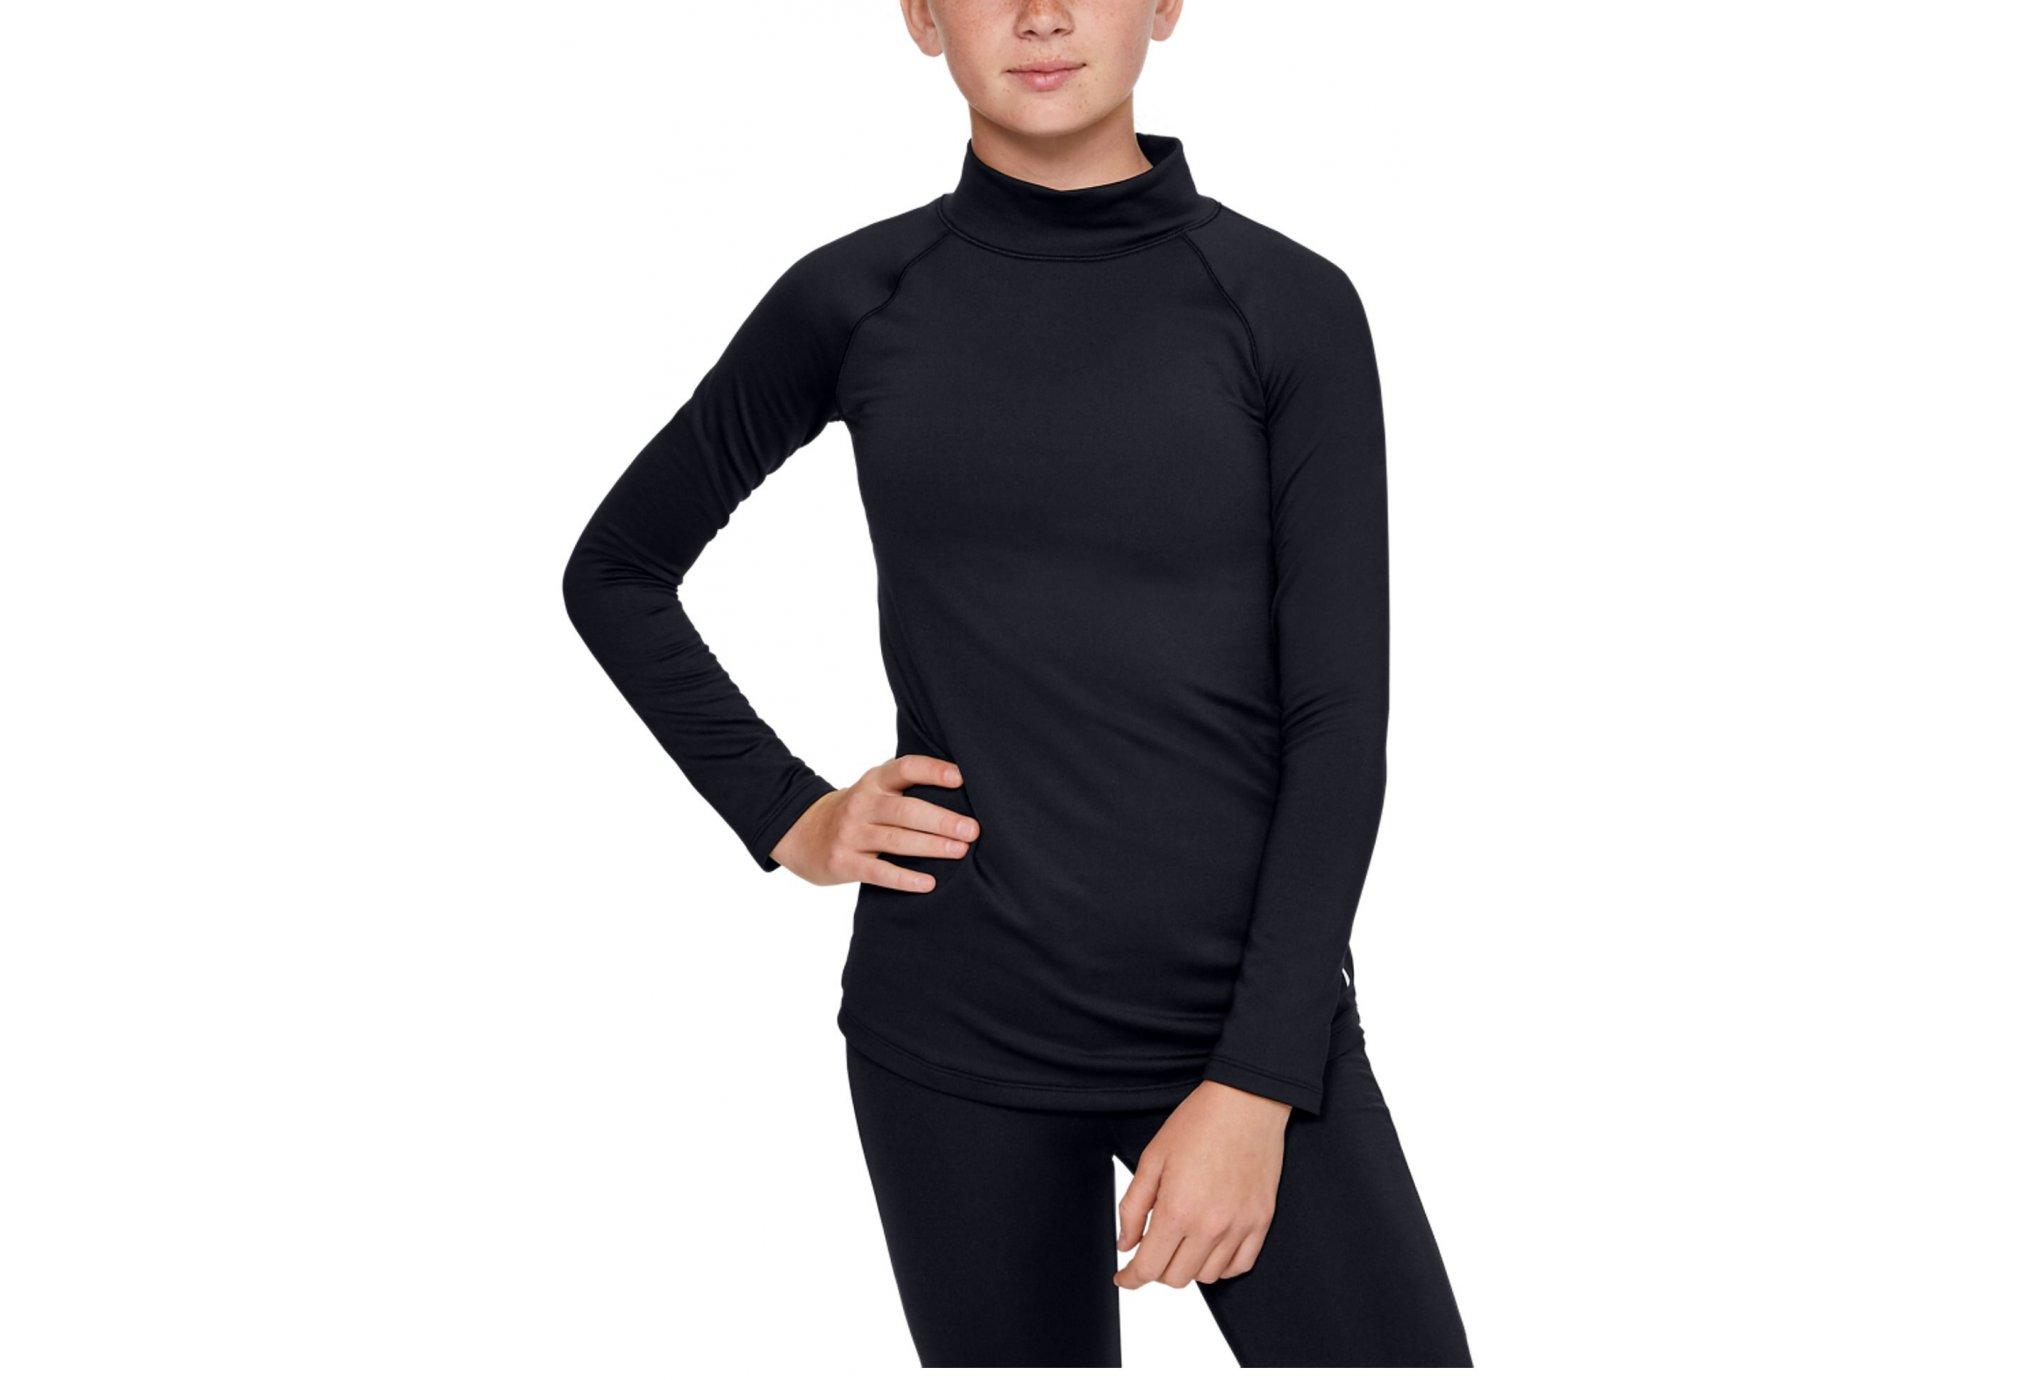 Under Armour ColdGear Fille vêtement running femme